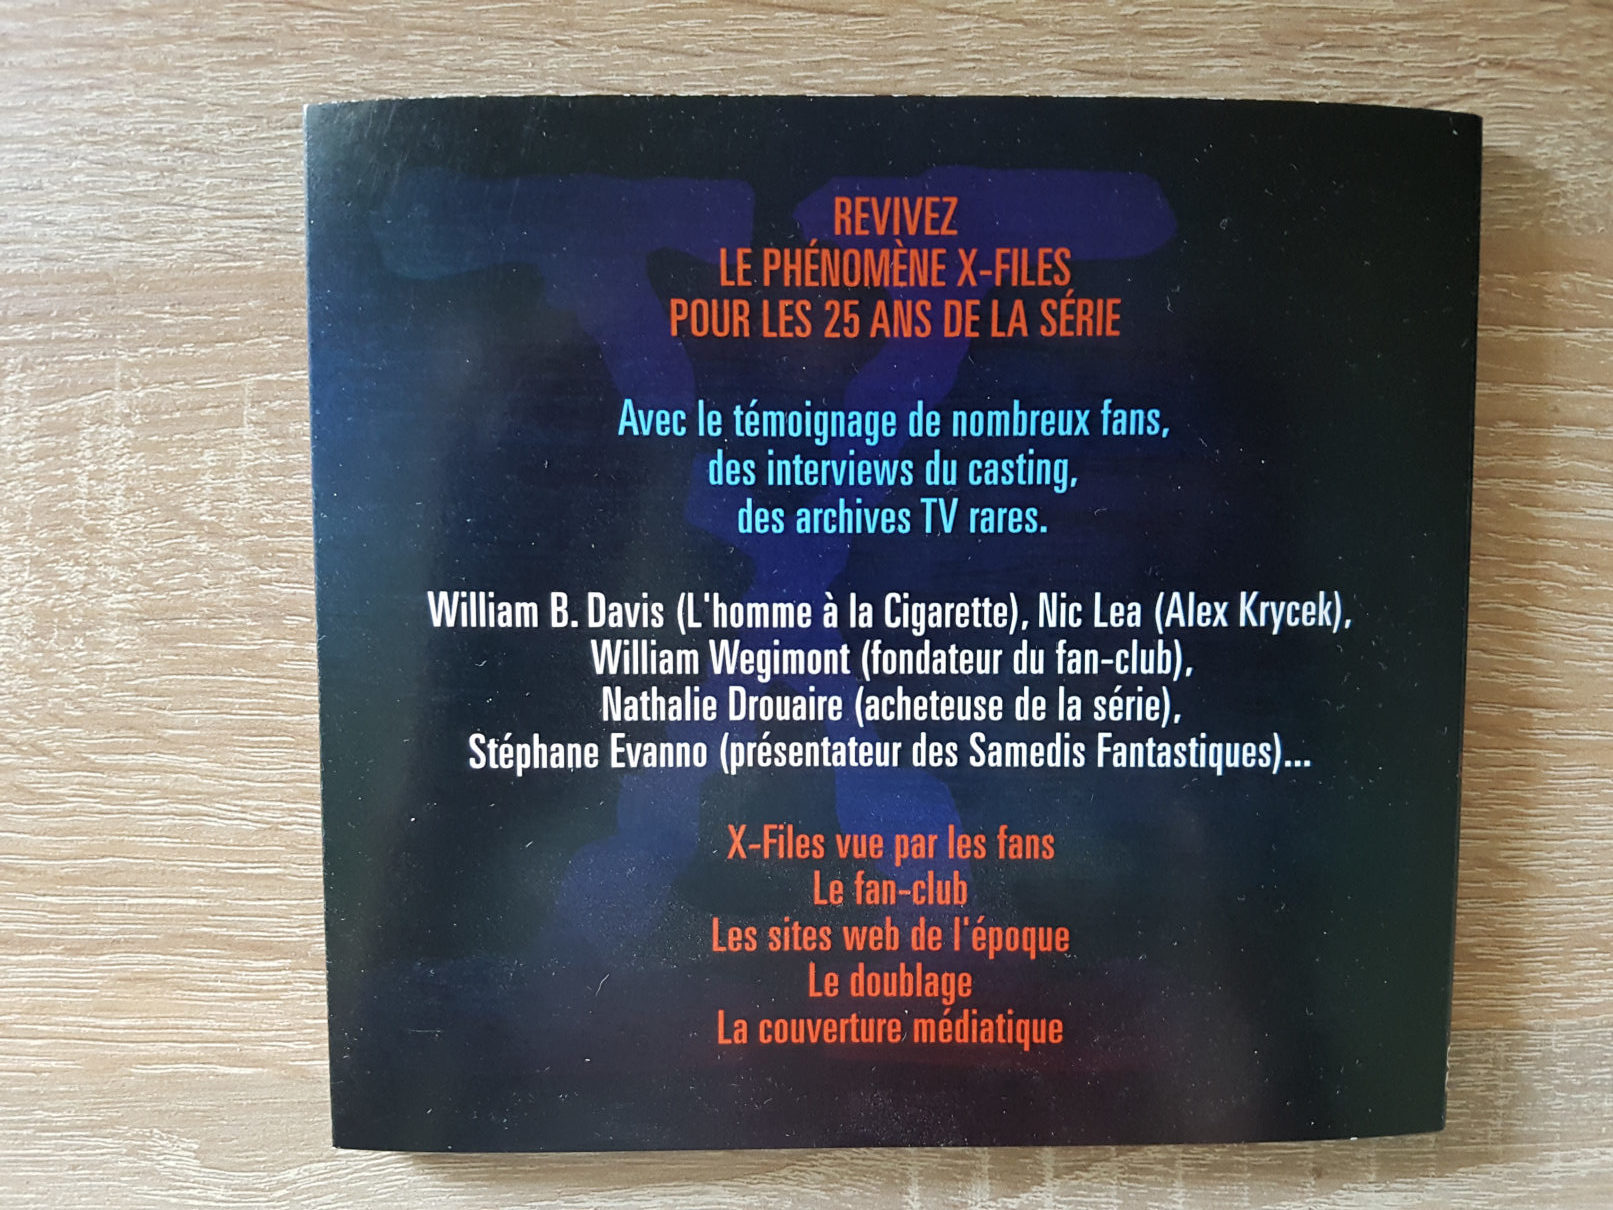 x-files - Détails du DVD X-Philes, Ils Voulaient Croire, premier documentaire Smallthings xphiles dvd documentaire 1 rotated e1588854880798